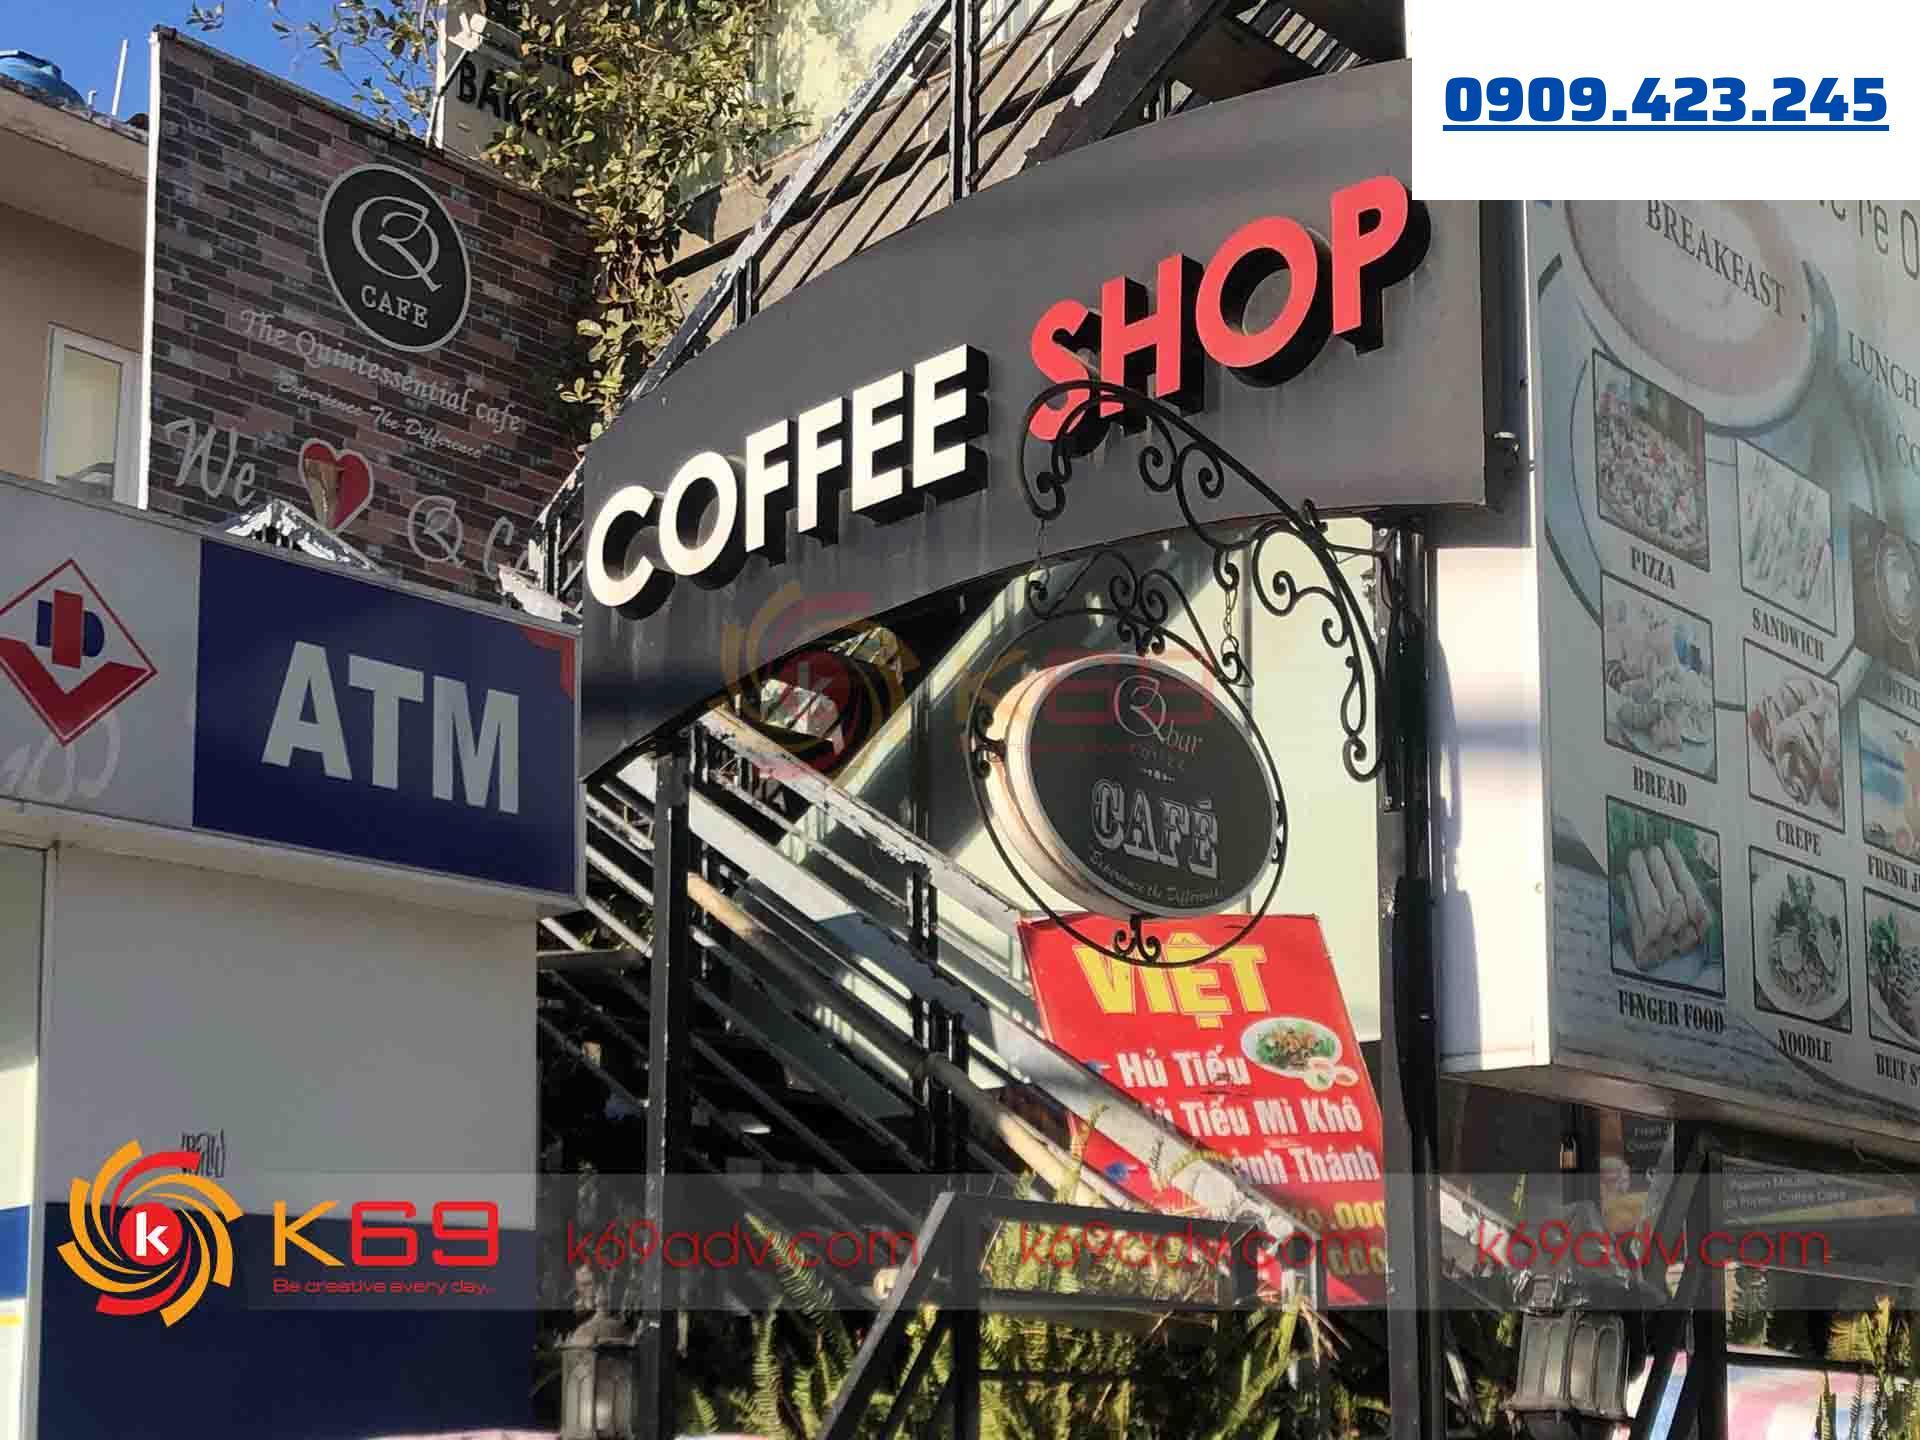 Mẫu bảng hiệu quán cafe do K69ADV thi công